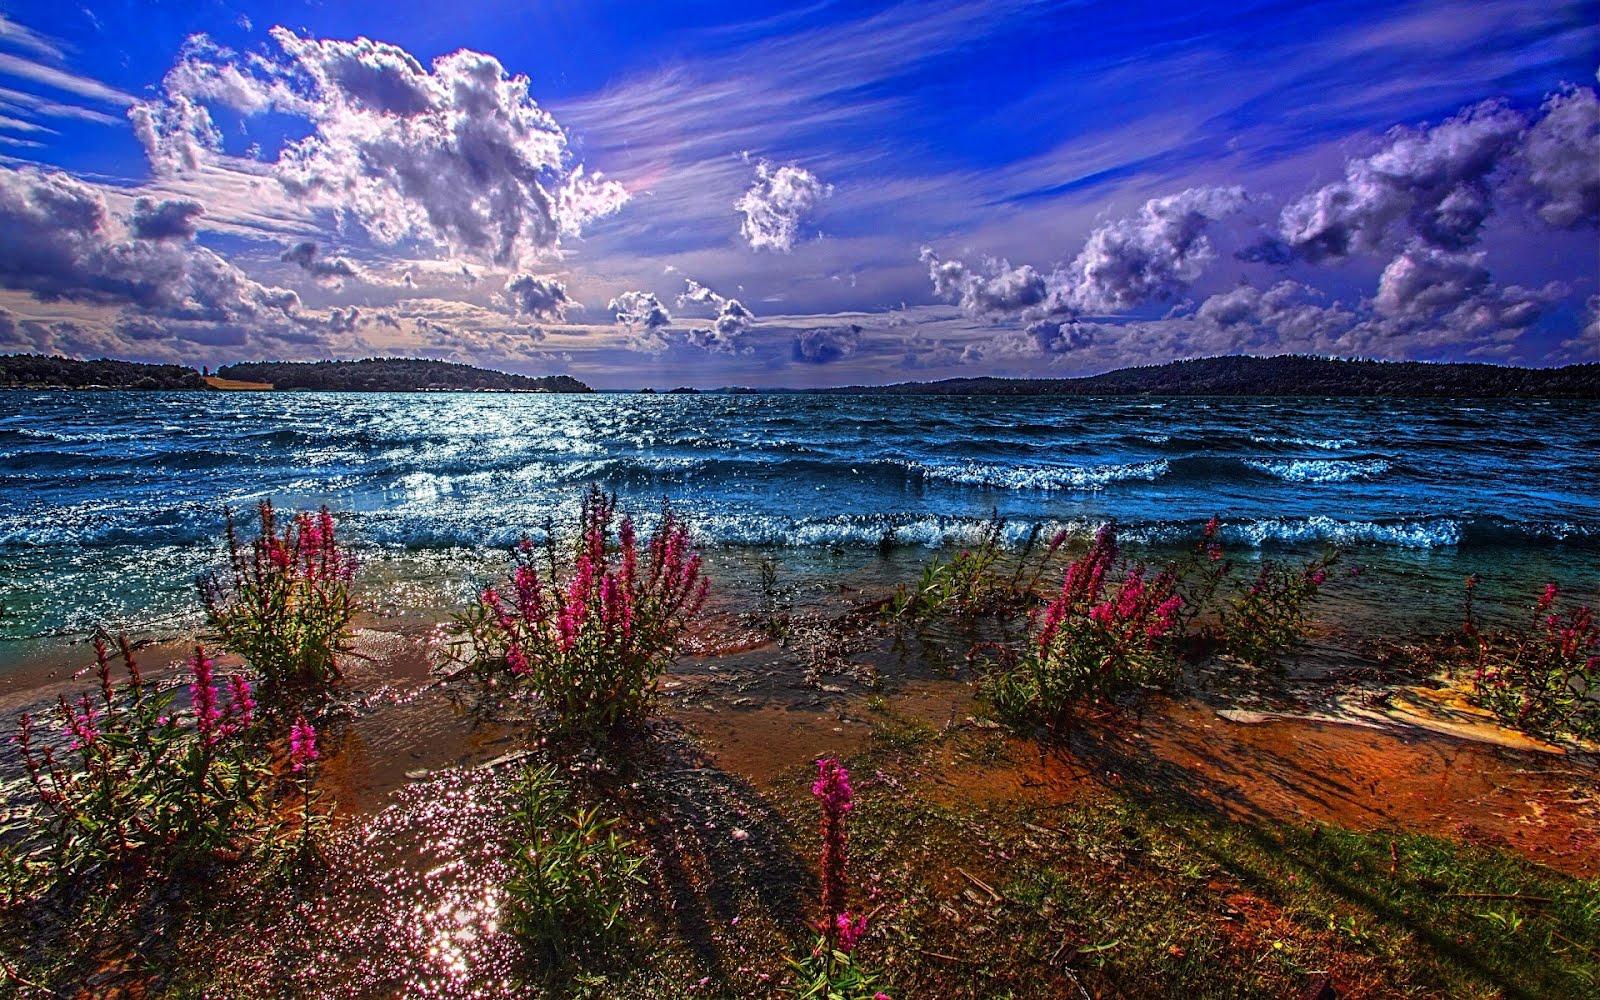 Los Paisajes Más Hermosos Del Mundo - Los 13 paisajes más hermosos del otoño en el mundo